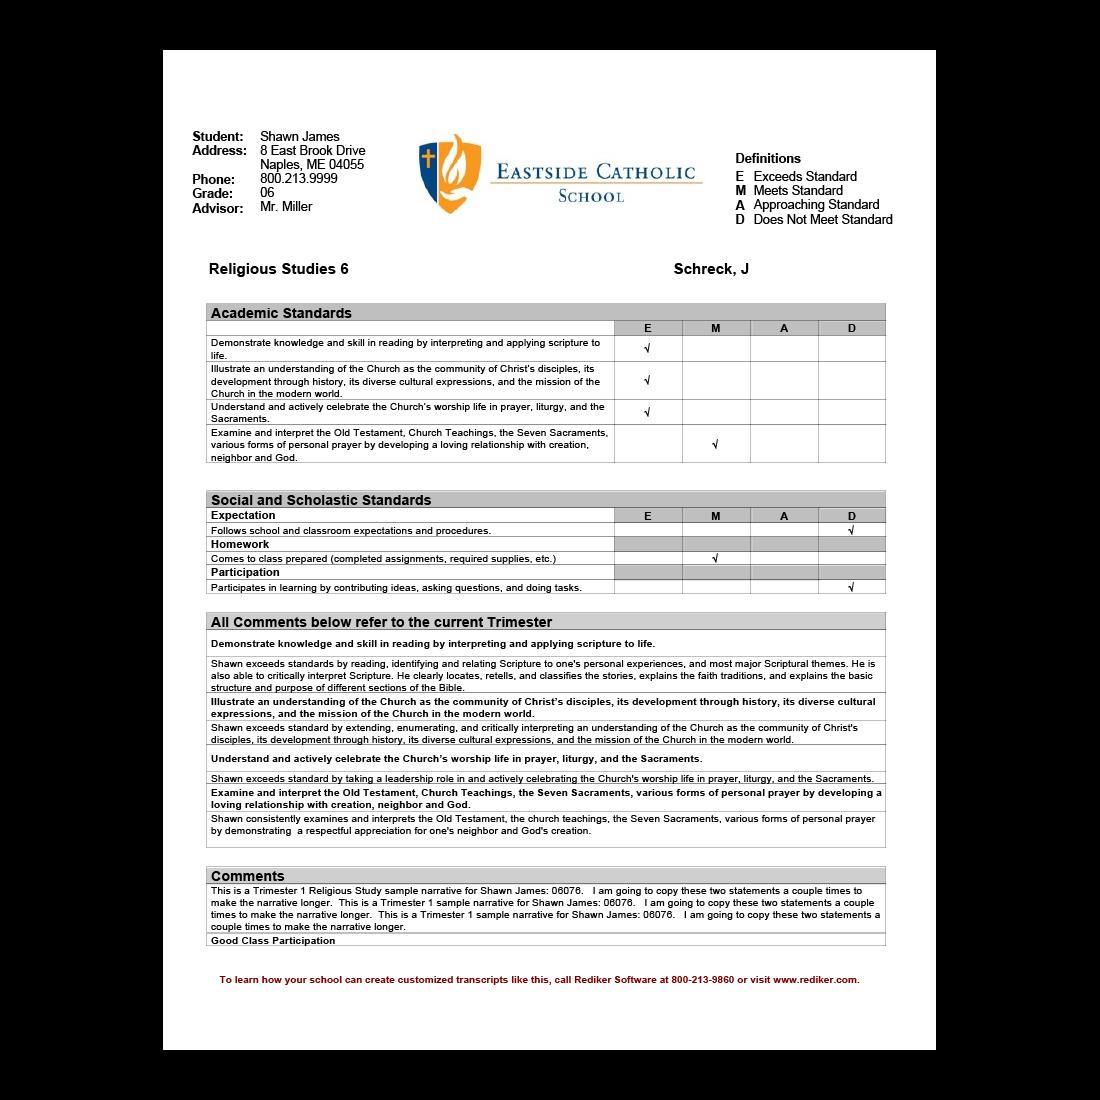 Report Card Software - Grade Management | Rediker Software